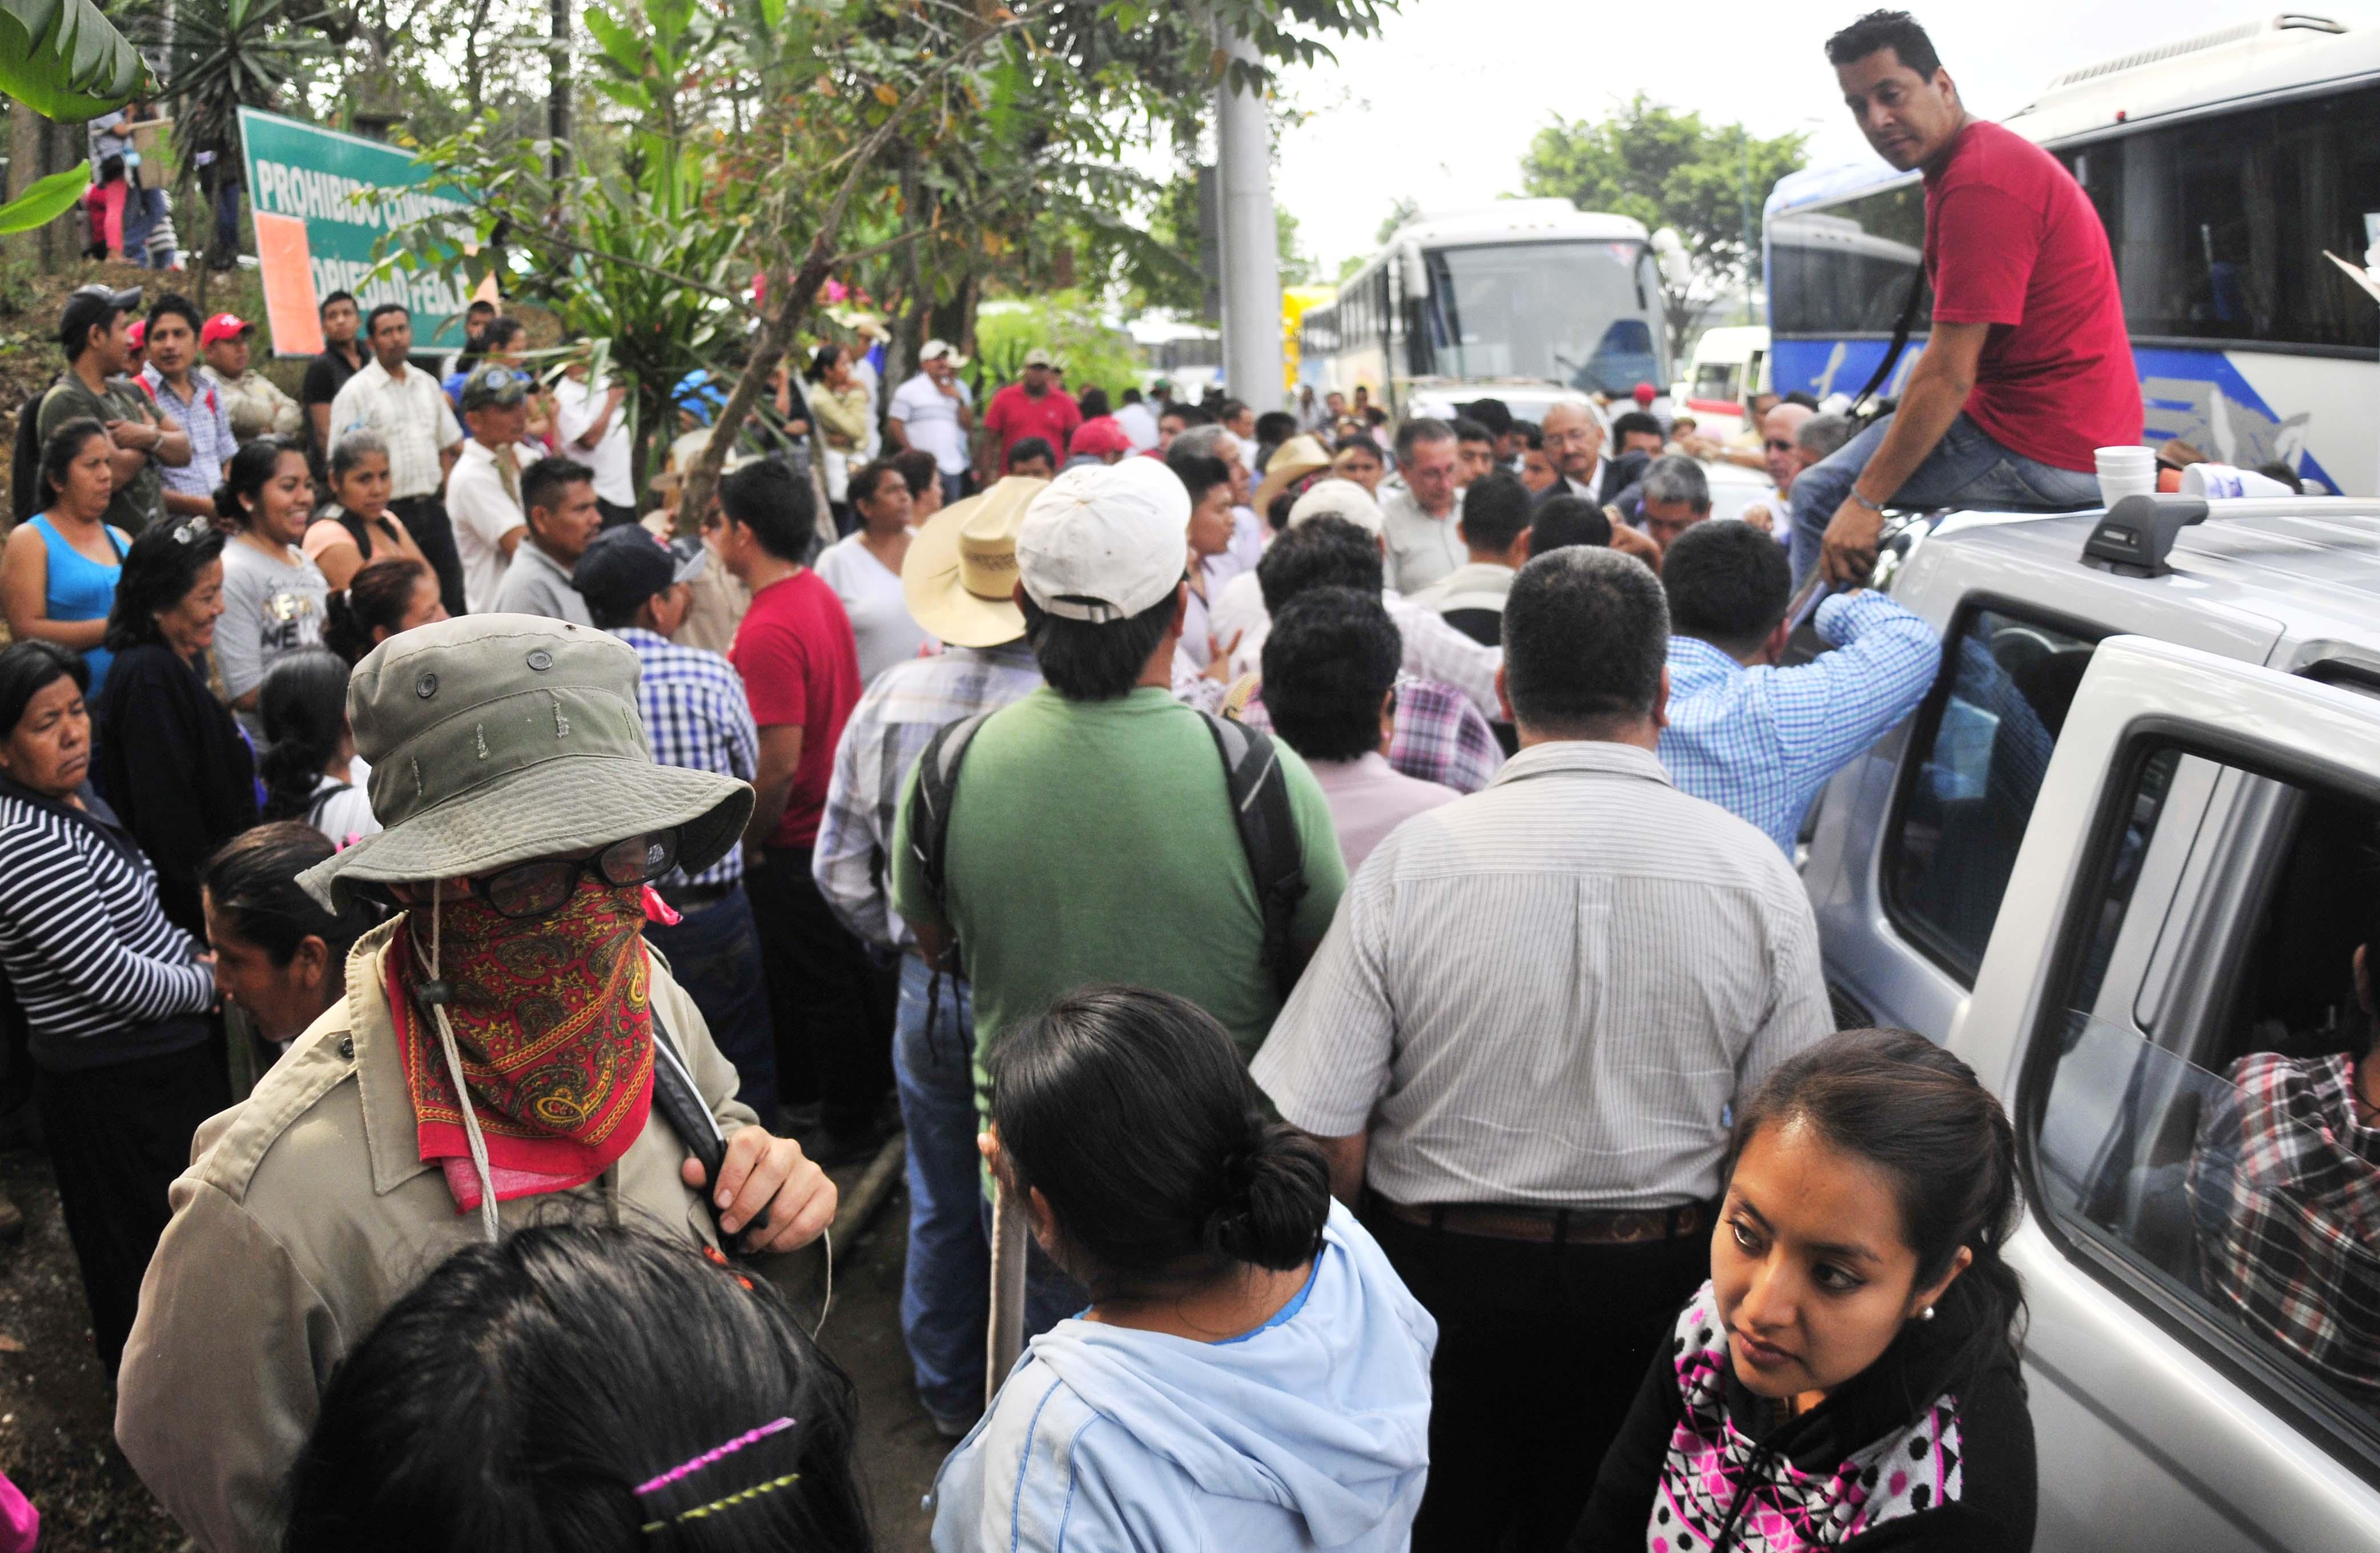 Campesinos exigen apoyos para vivienda y proyectos productivos